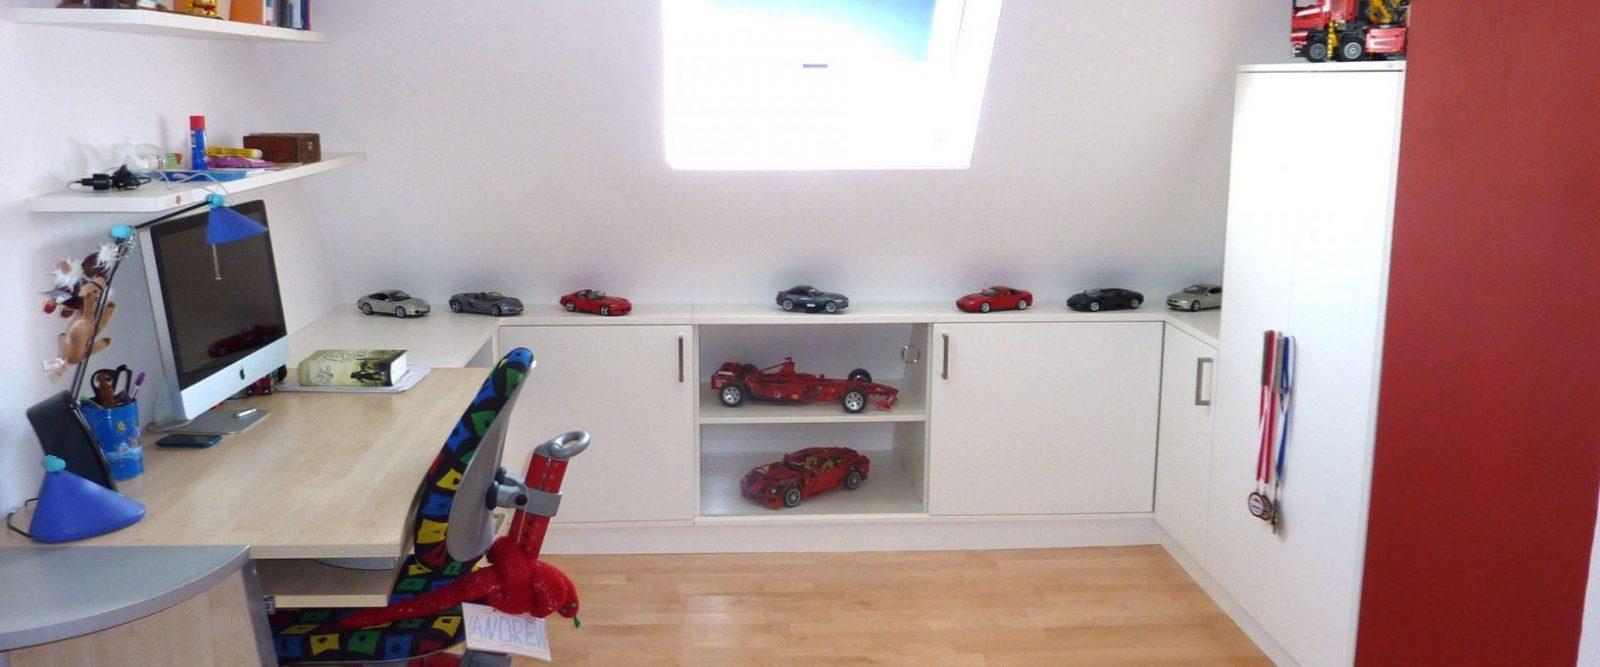 Jugendzimmer Dachschräge Dachzimmer Einrichten Avec Jugendzimmer Mit von Kinderzimmer Mit Dachschräge Einrichten Photo